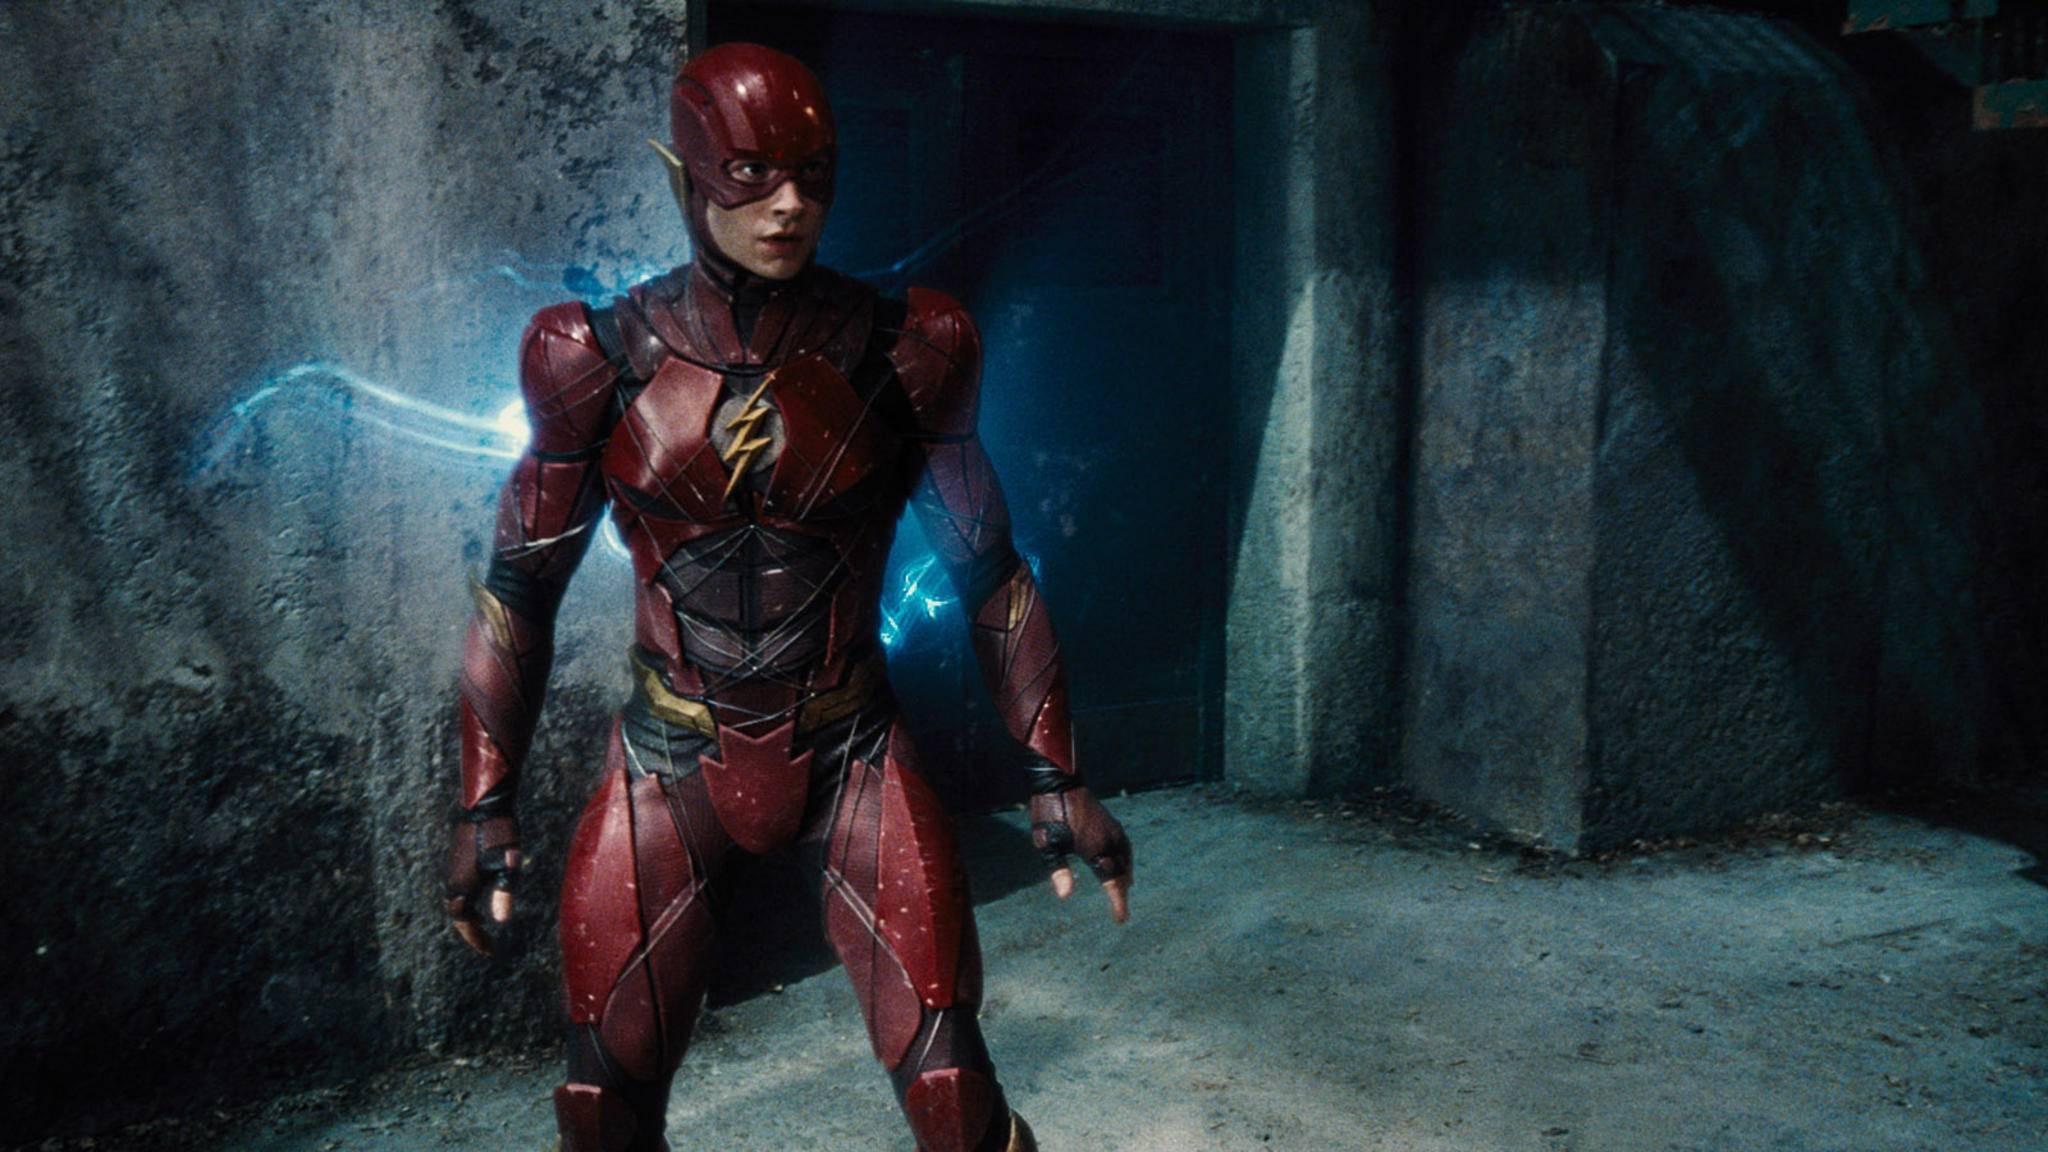 """Die Produktionsgeschichte von """"The Flash"""" ist leider nicht so blitzschnell wie der Held des Films."""